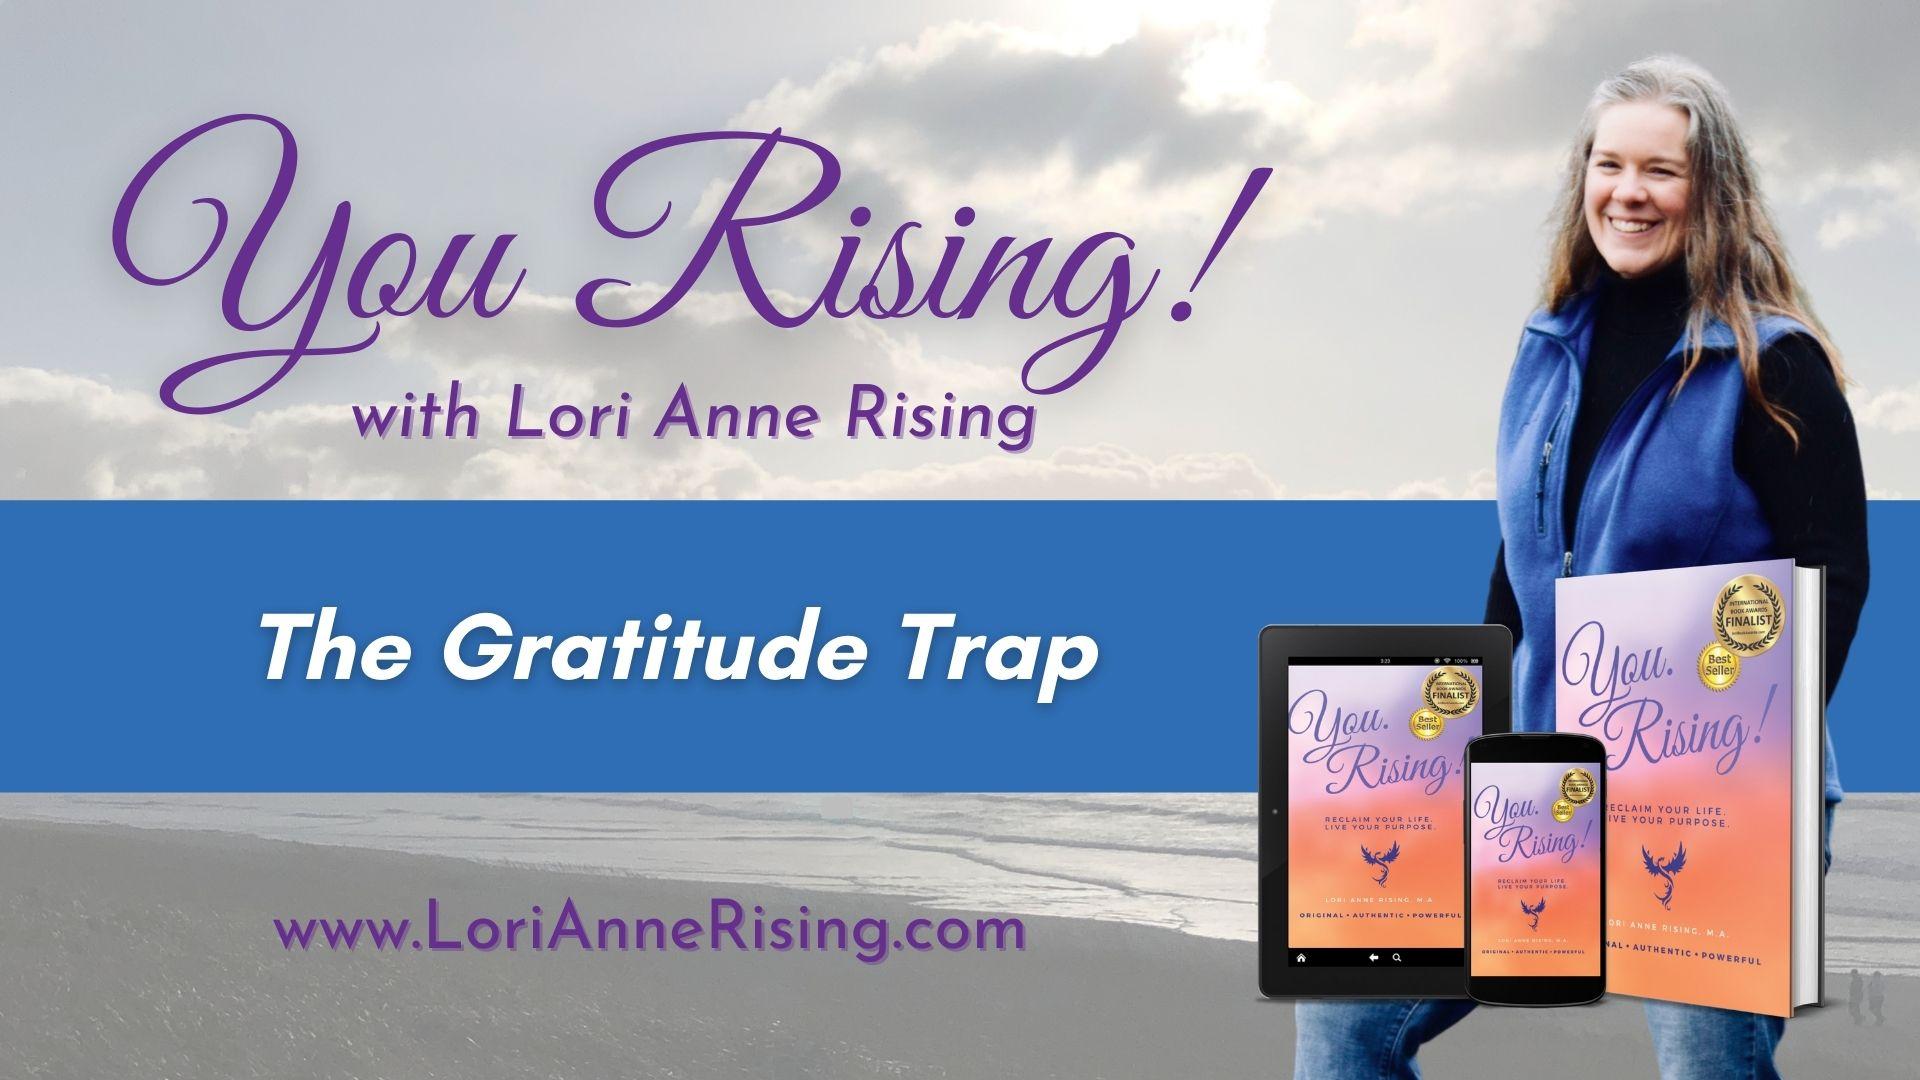 CoverThe Gratitude Trap